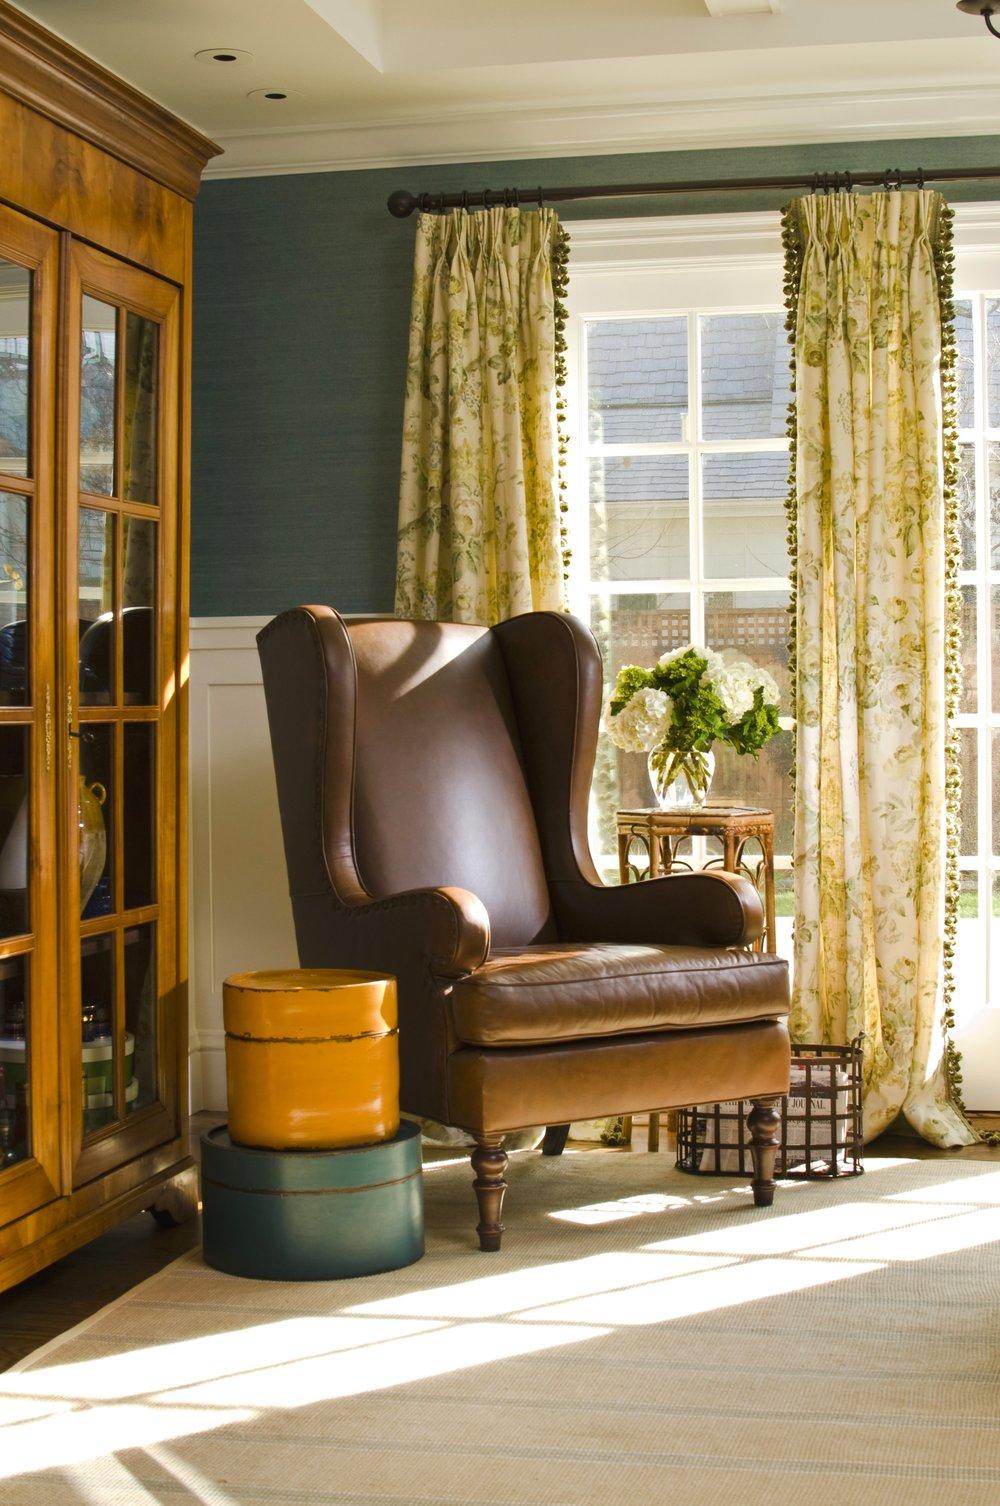 2012-1-6 Sun Room 3.jpg